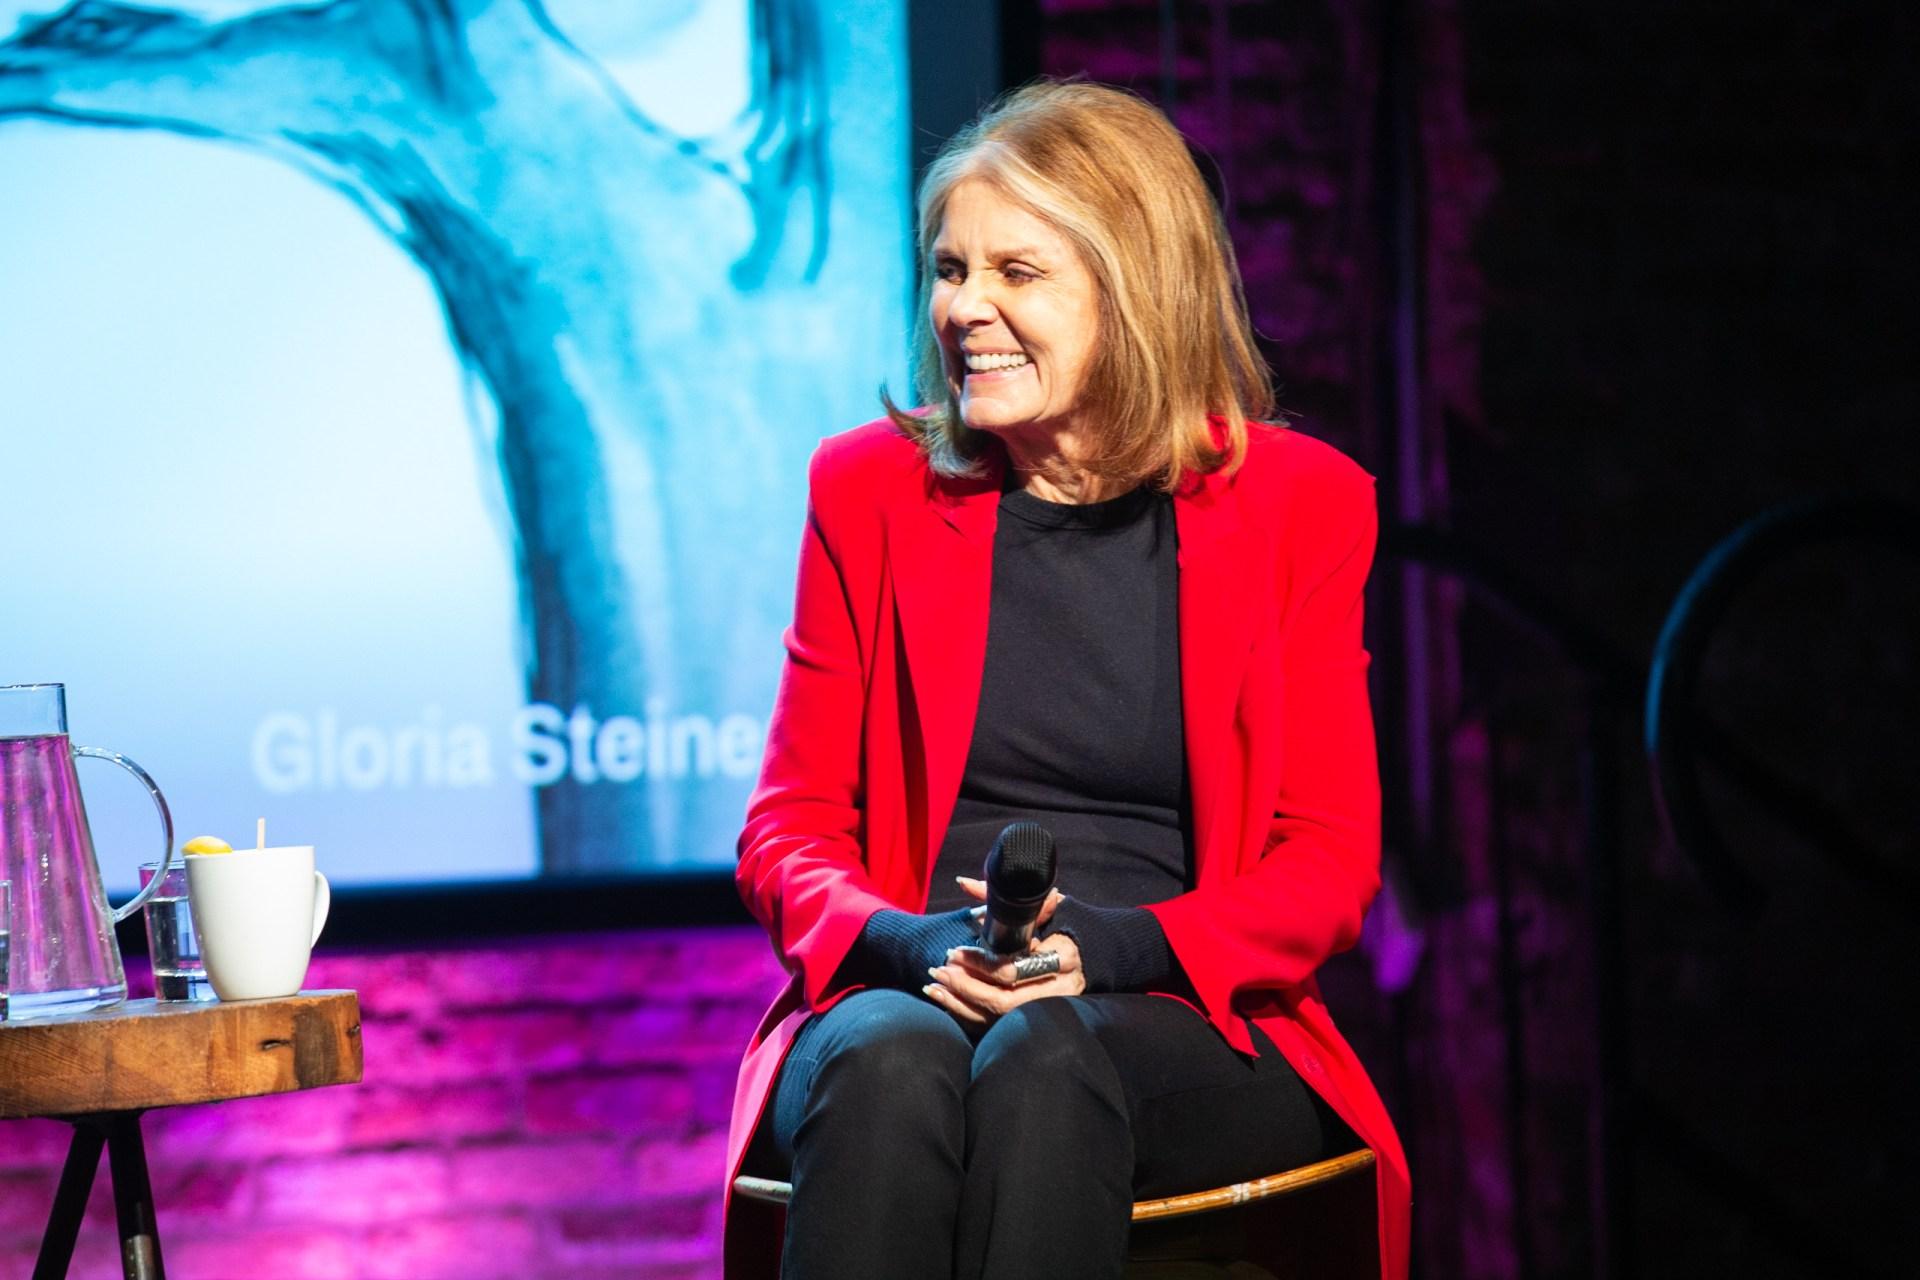 Ronan Farrow and Gloria Steinem